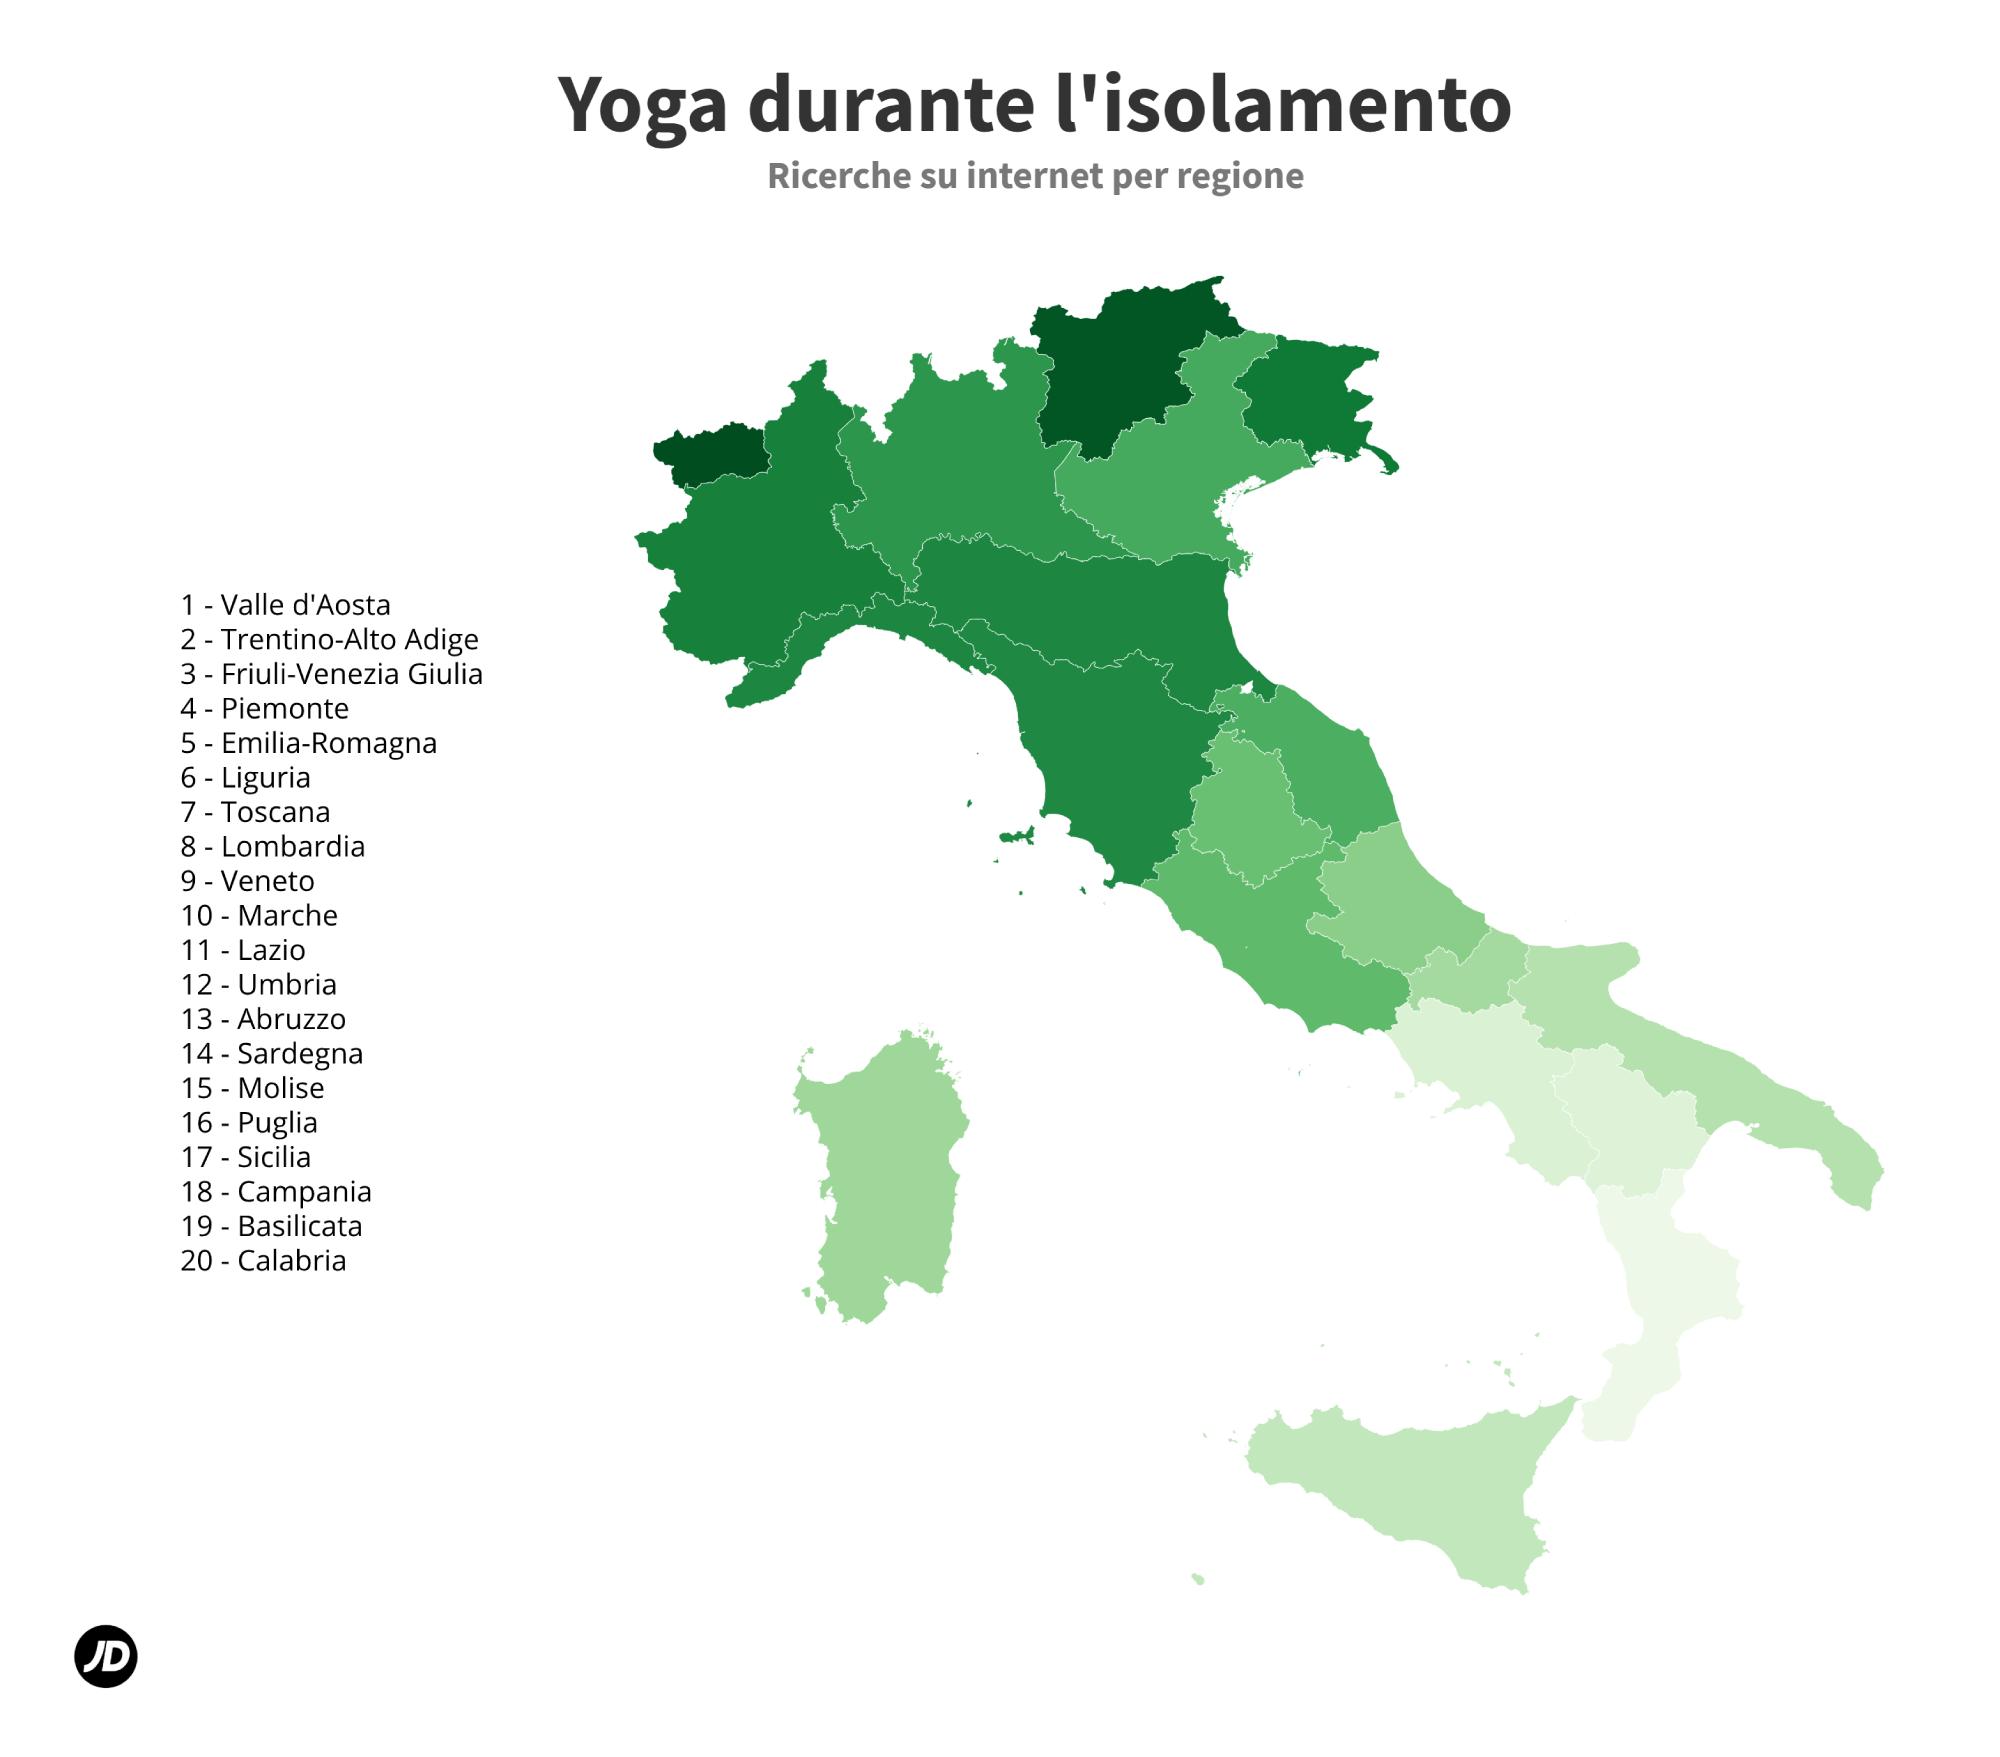 Le regioni italiane che hanno cercato esercizi yoga durante la quarantena